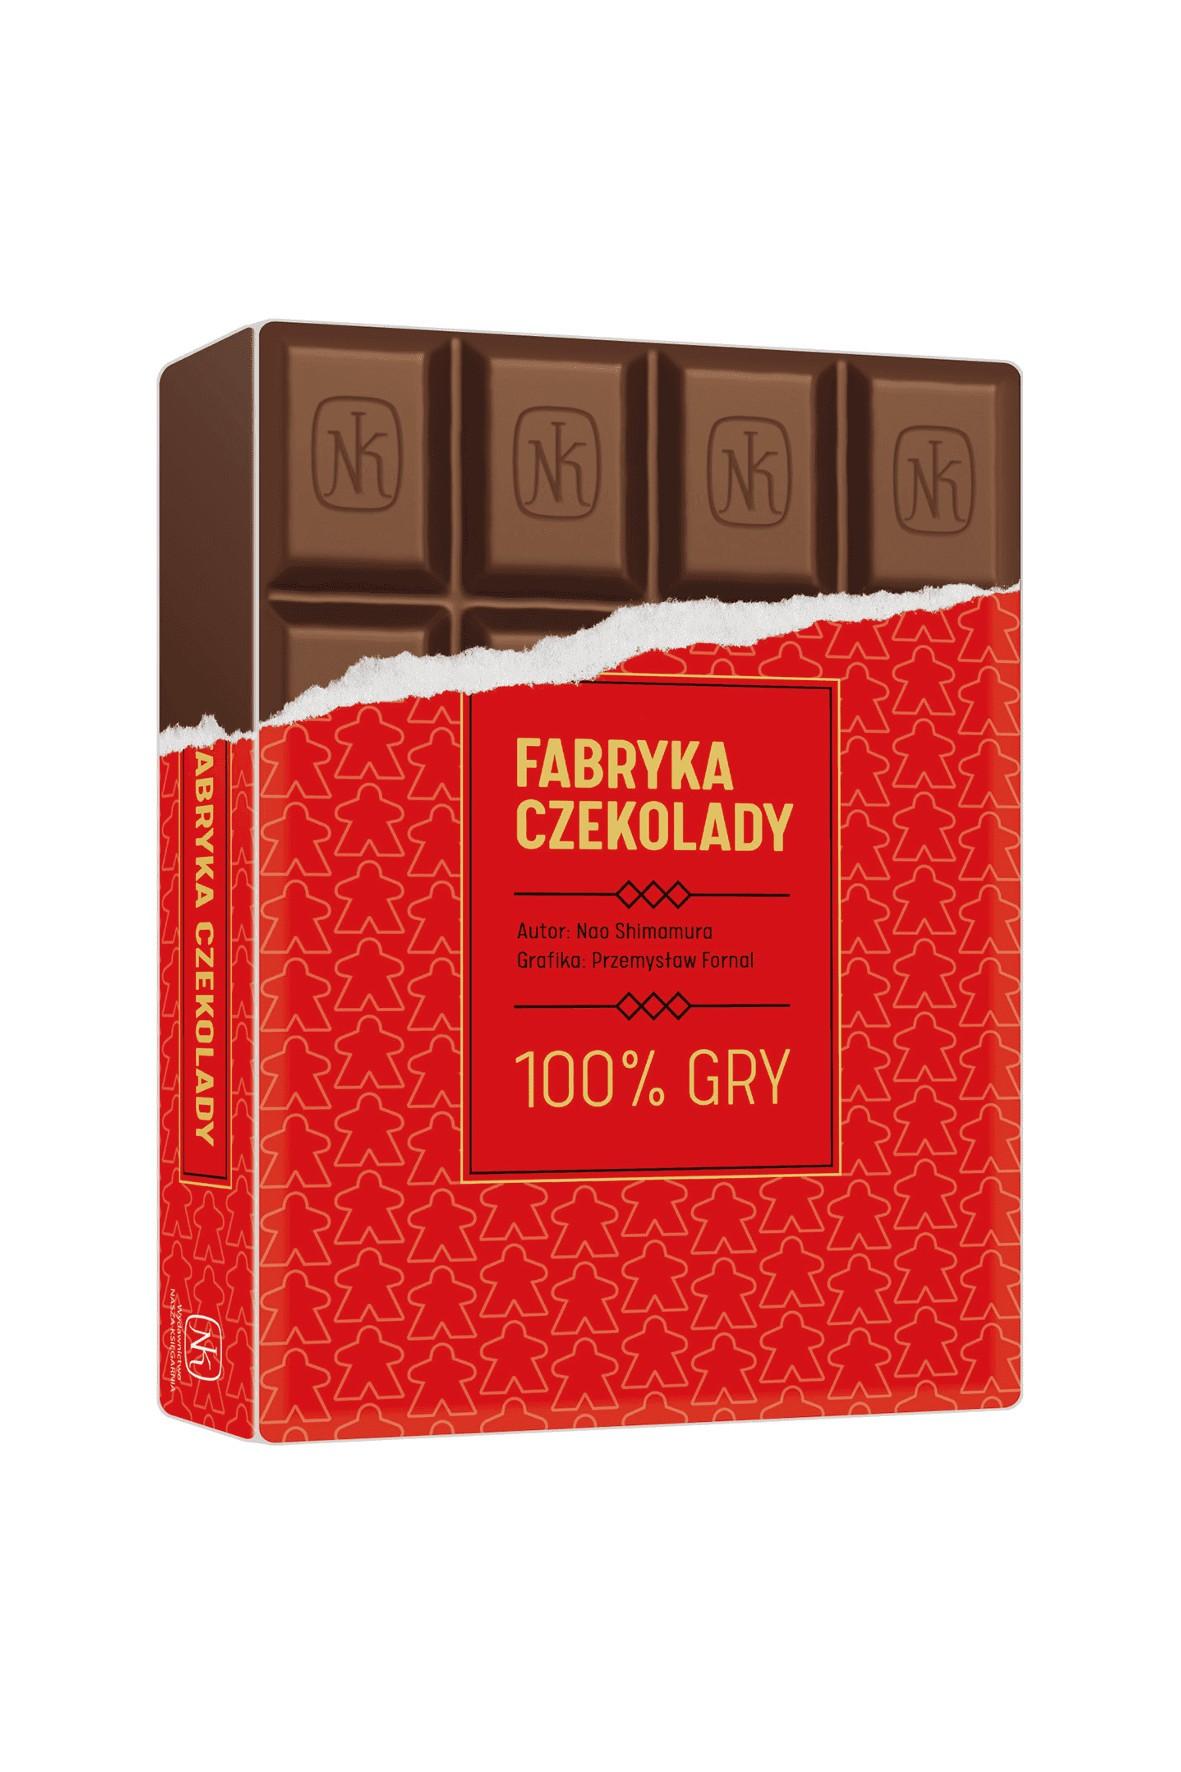 Gra Fabryka Czekolady 8+